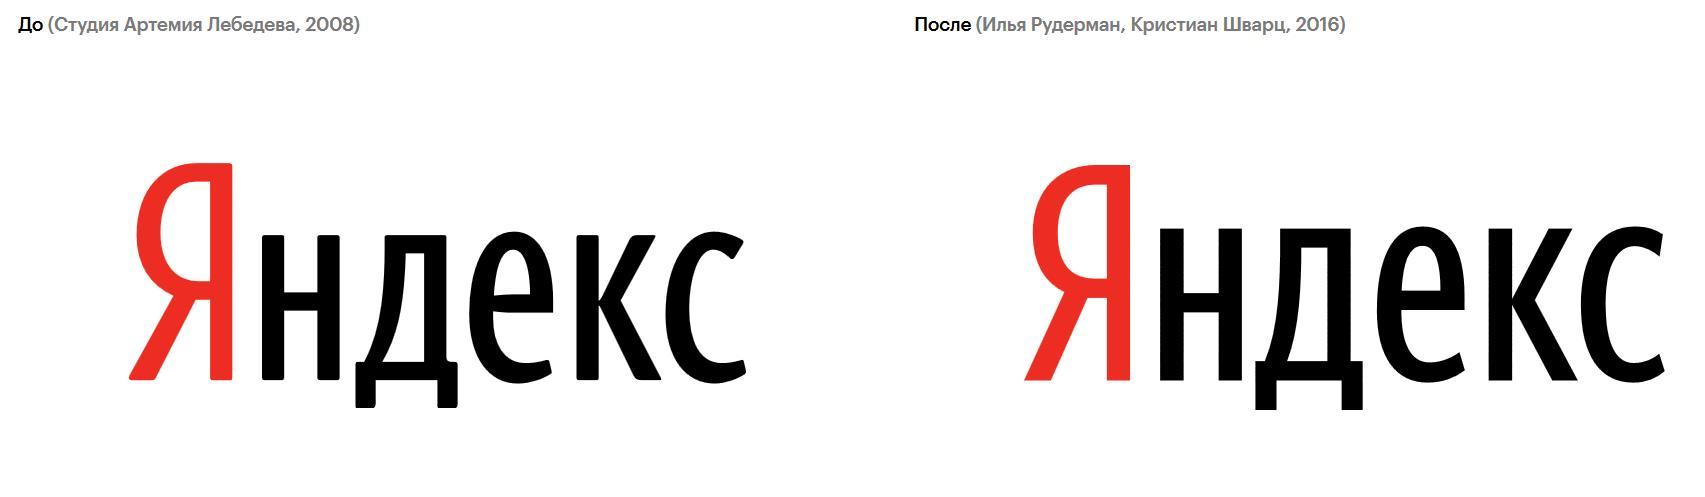 старый и новый логотипы яндекса